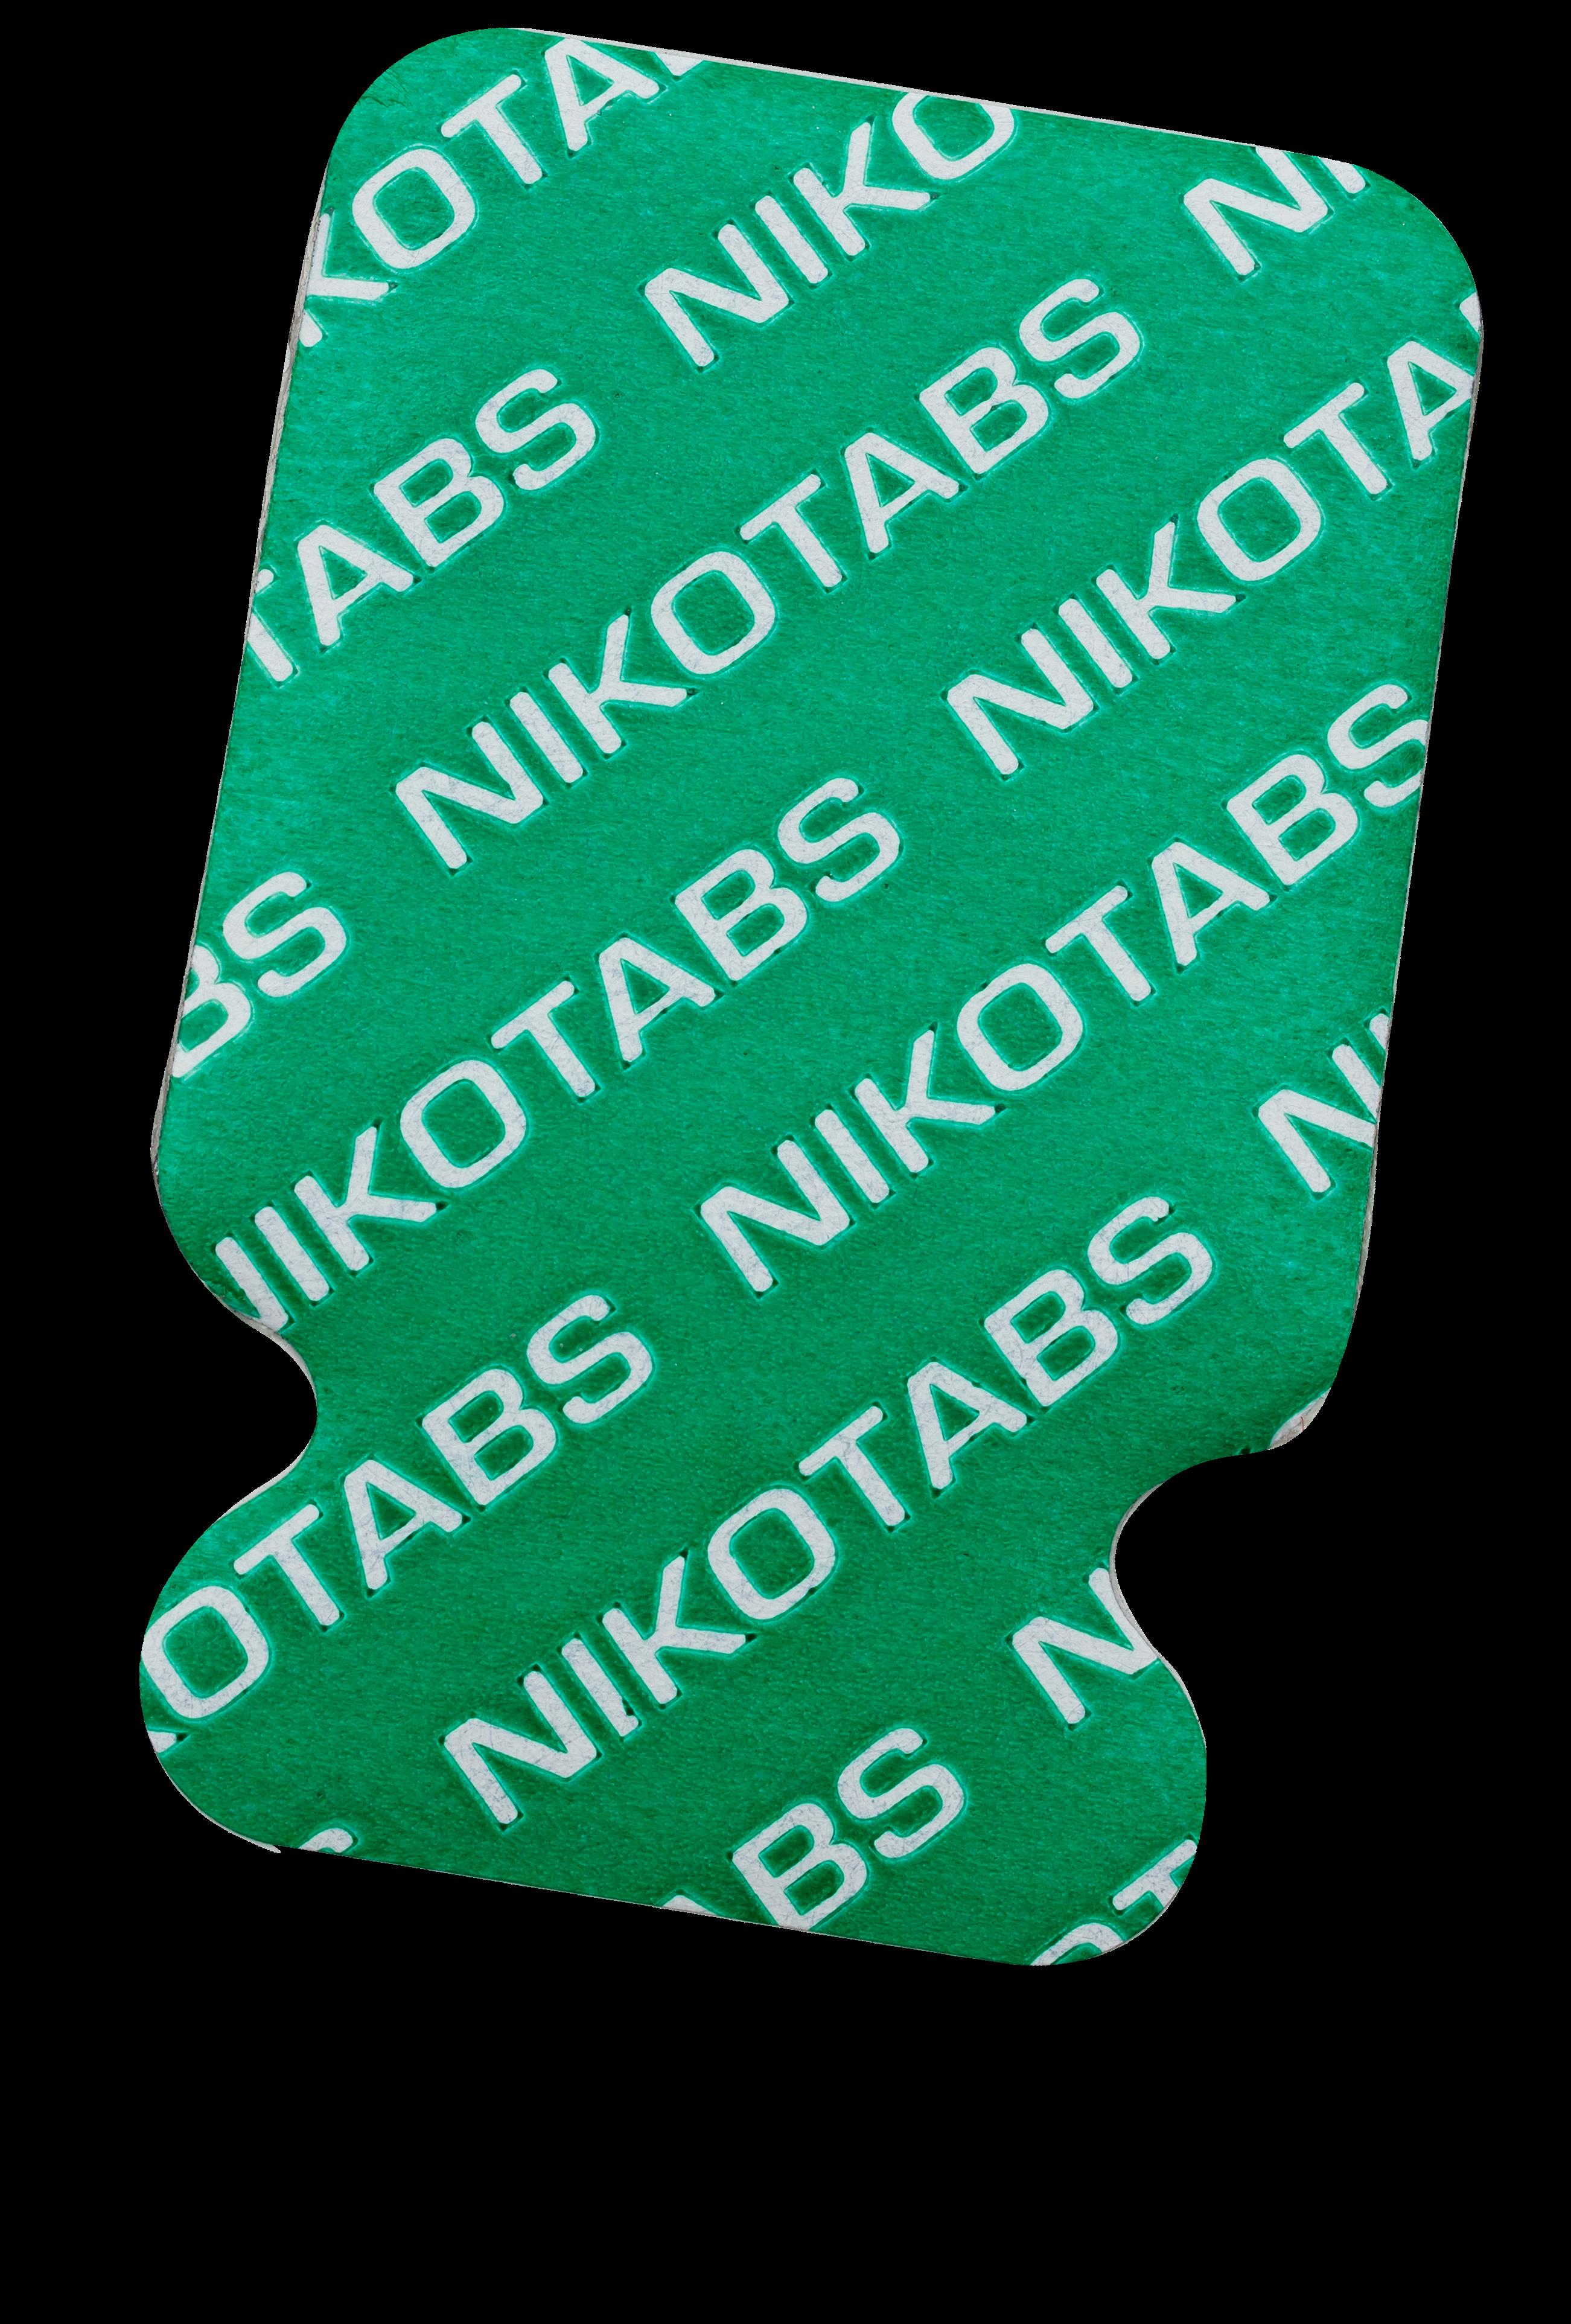 Nikotab No. 0315